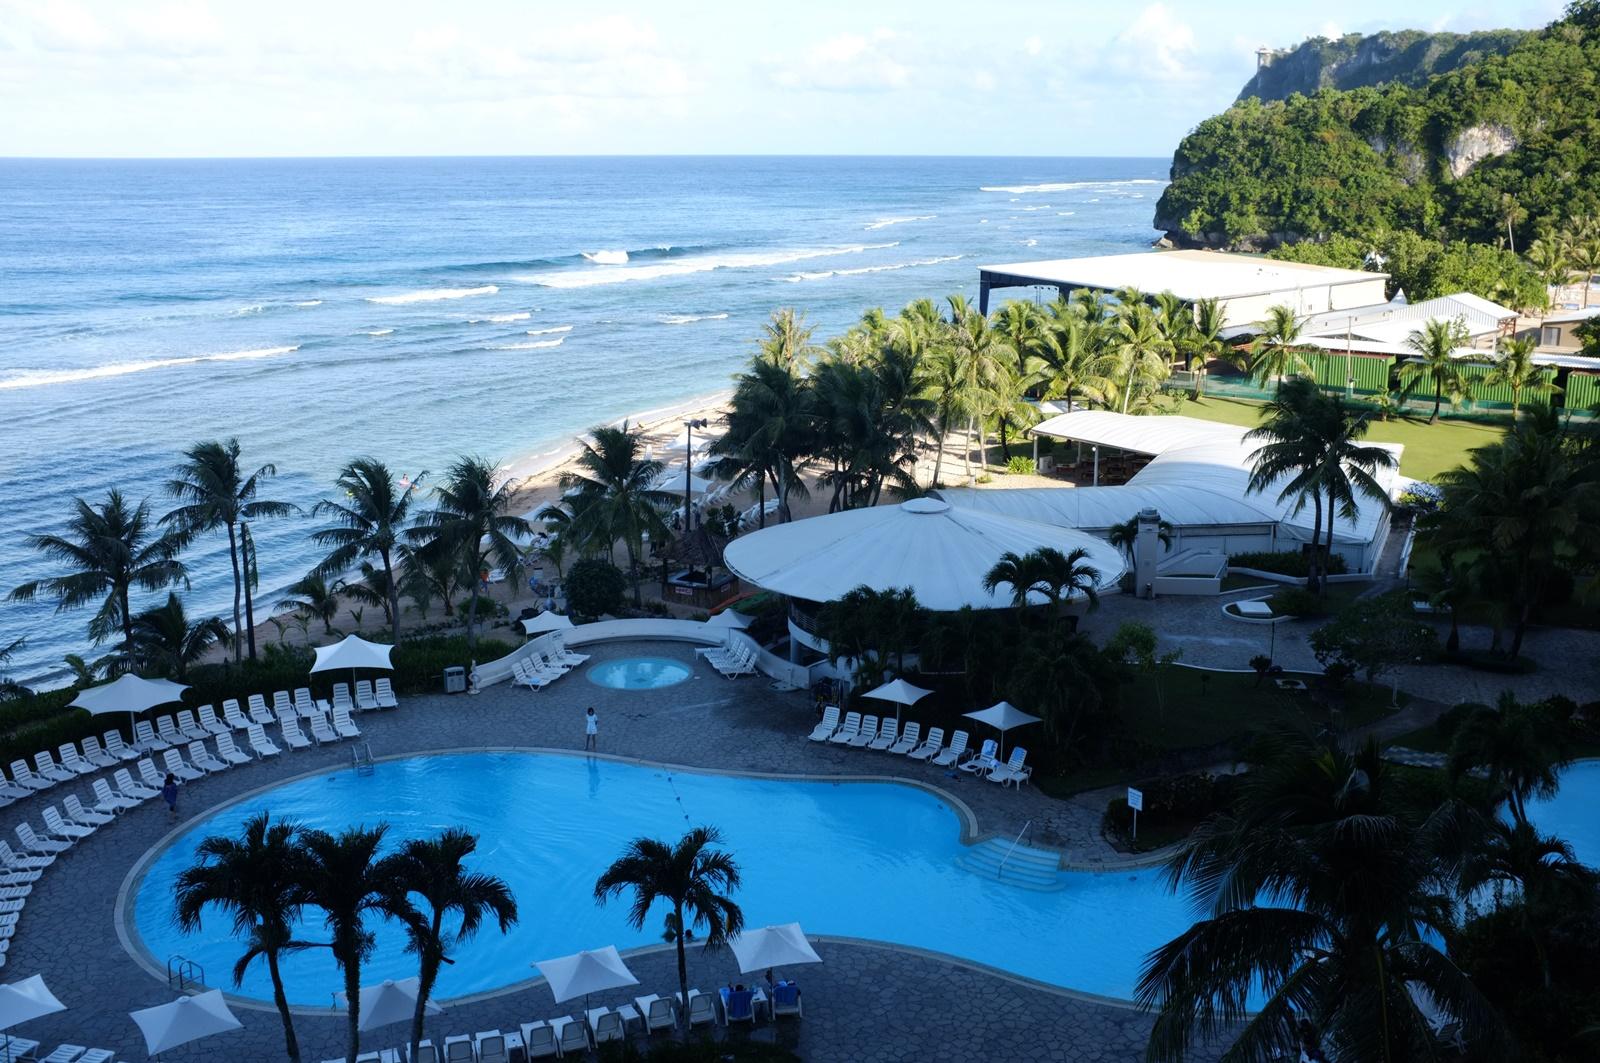 괌 여행 01 니꼬 호텔 & 관광지